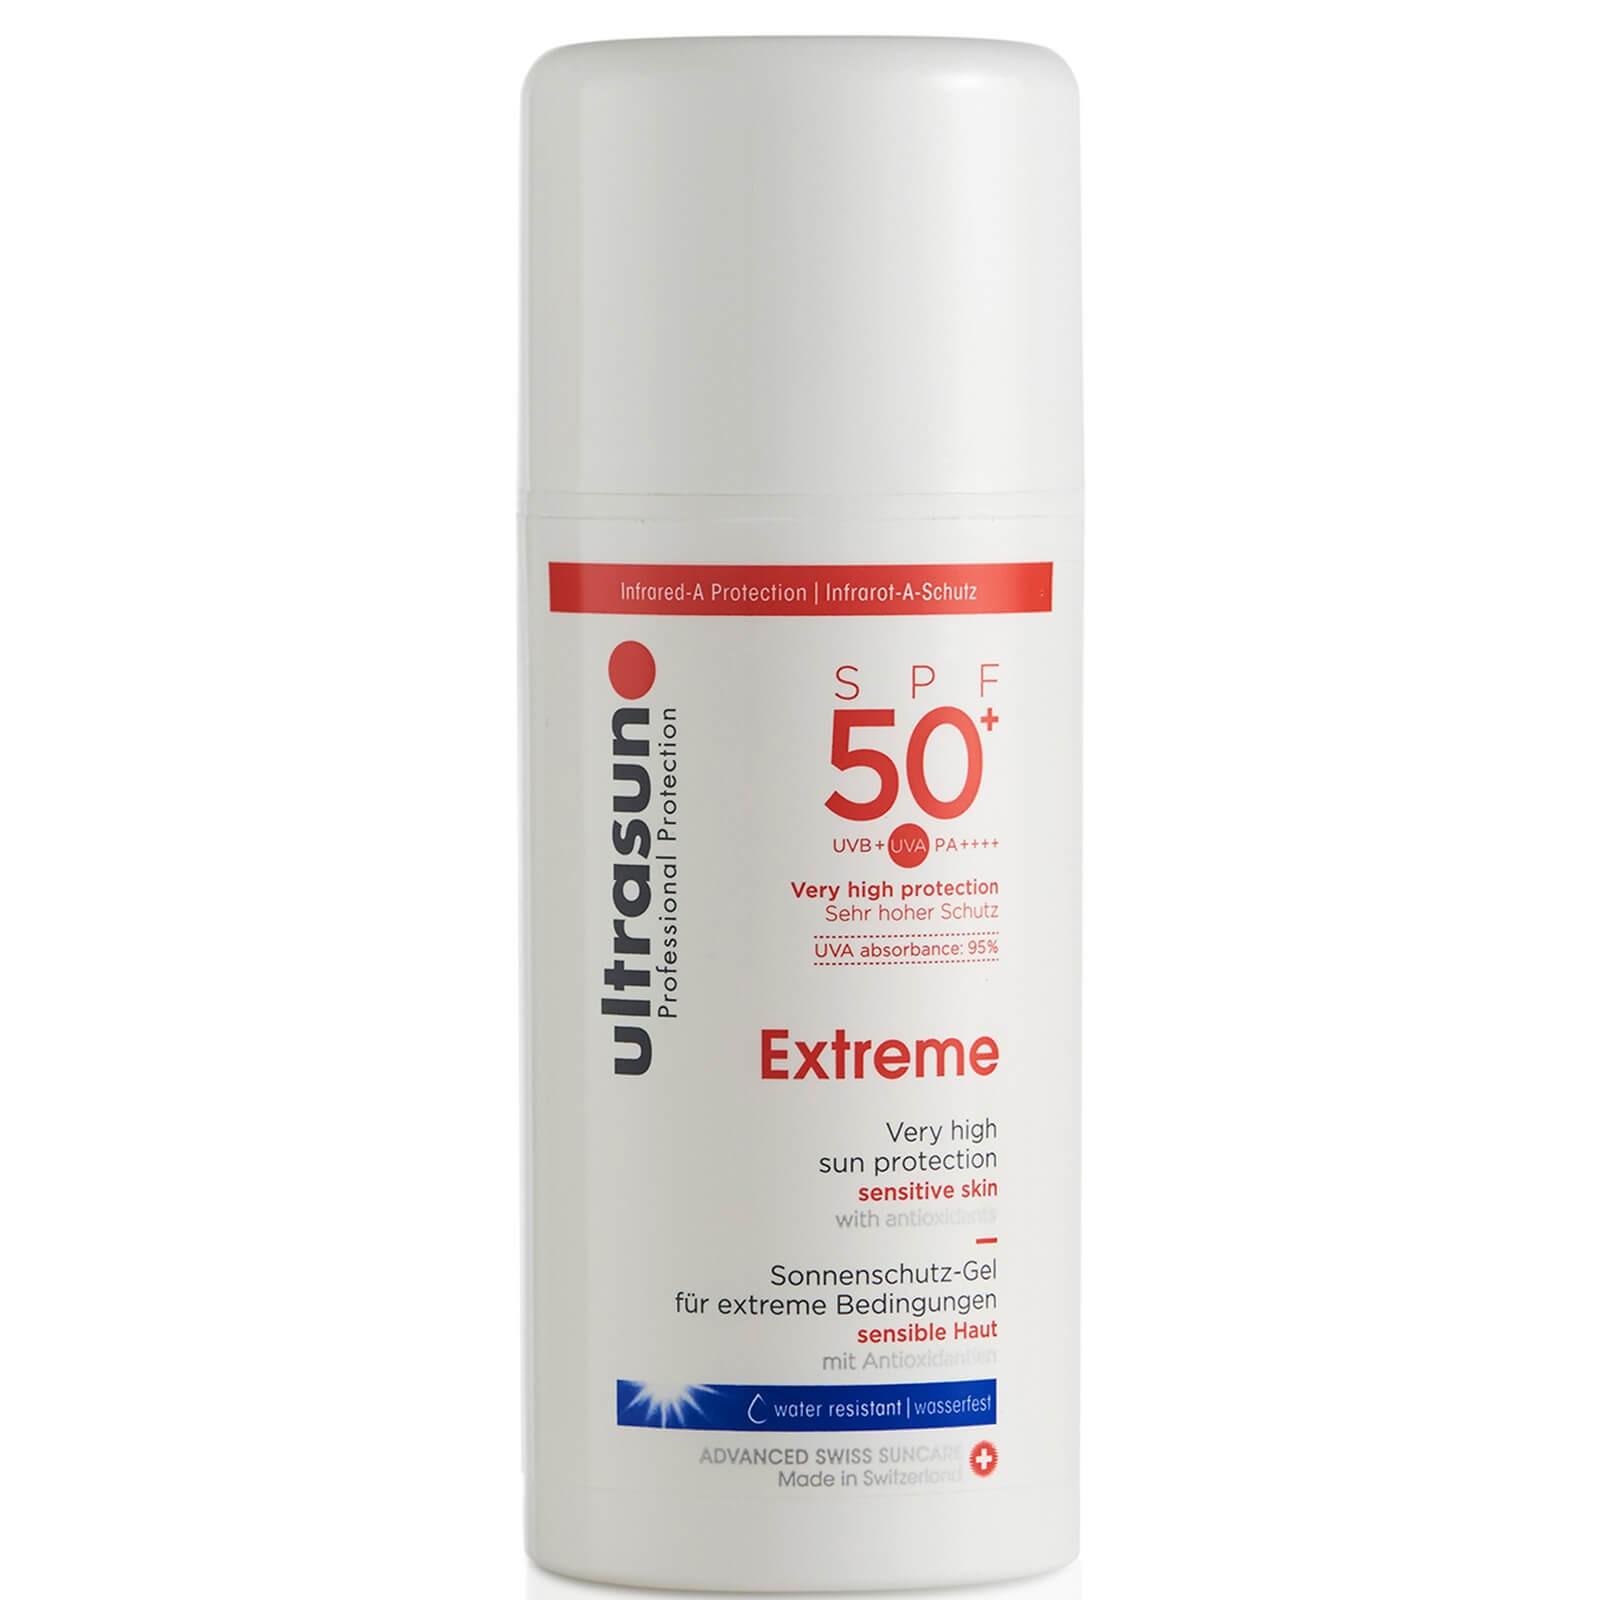 Ultrasun 敏感高倍防晒霜 SPF50+ 100ml